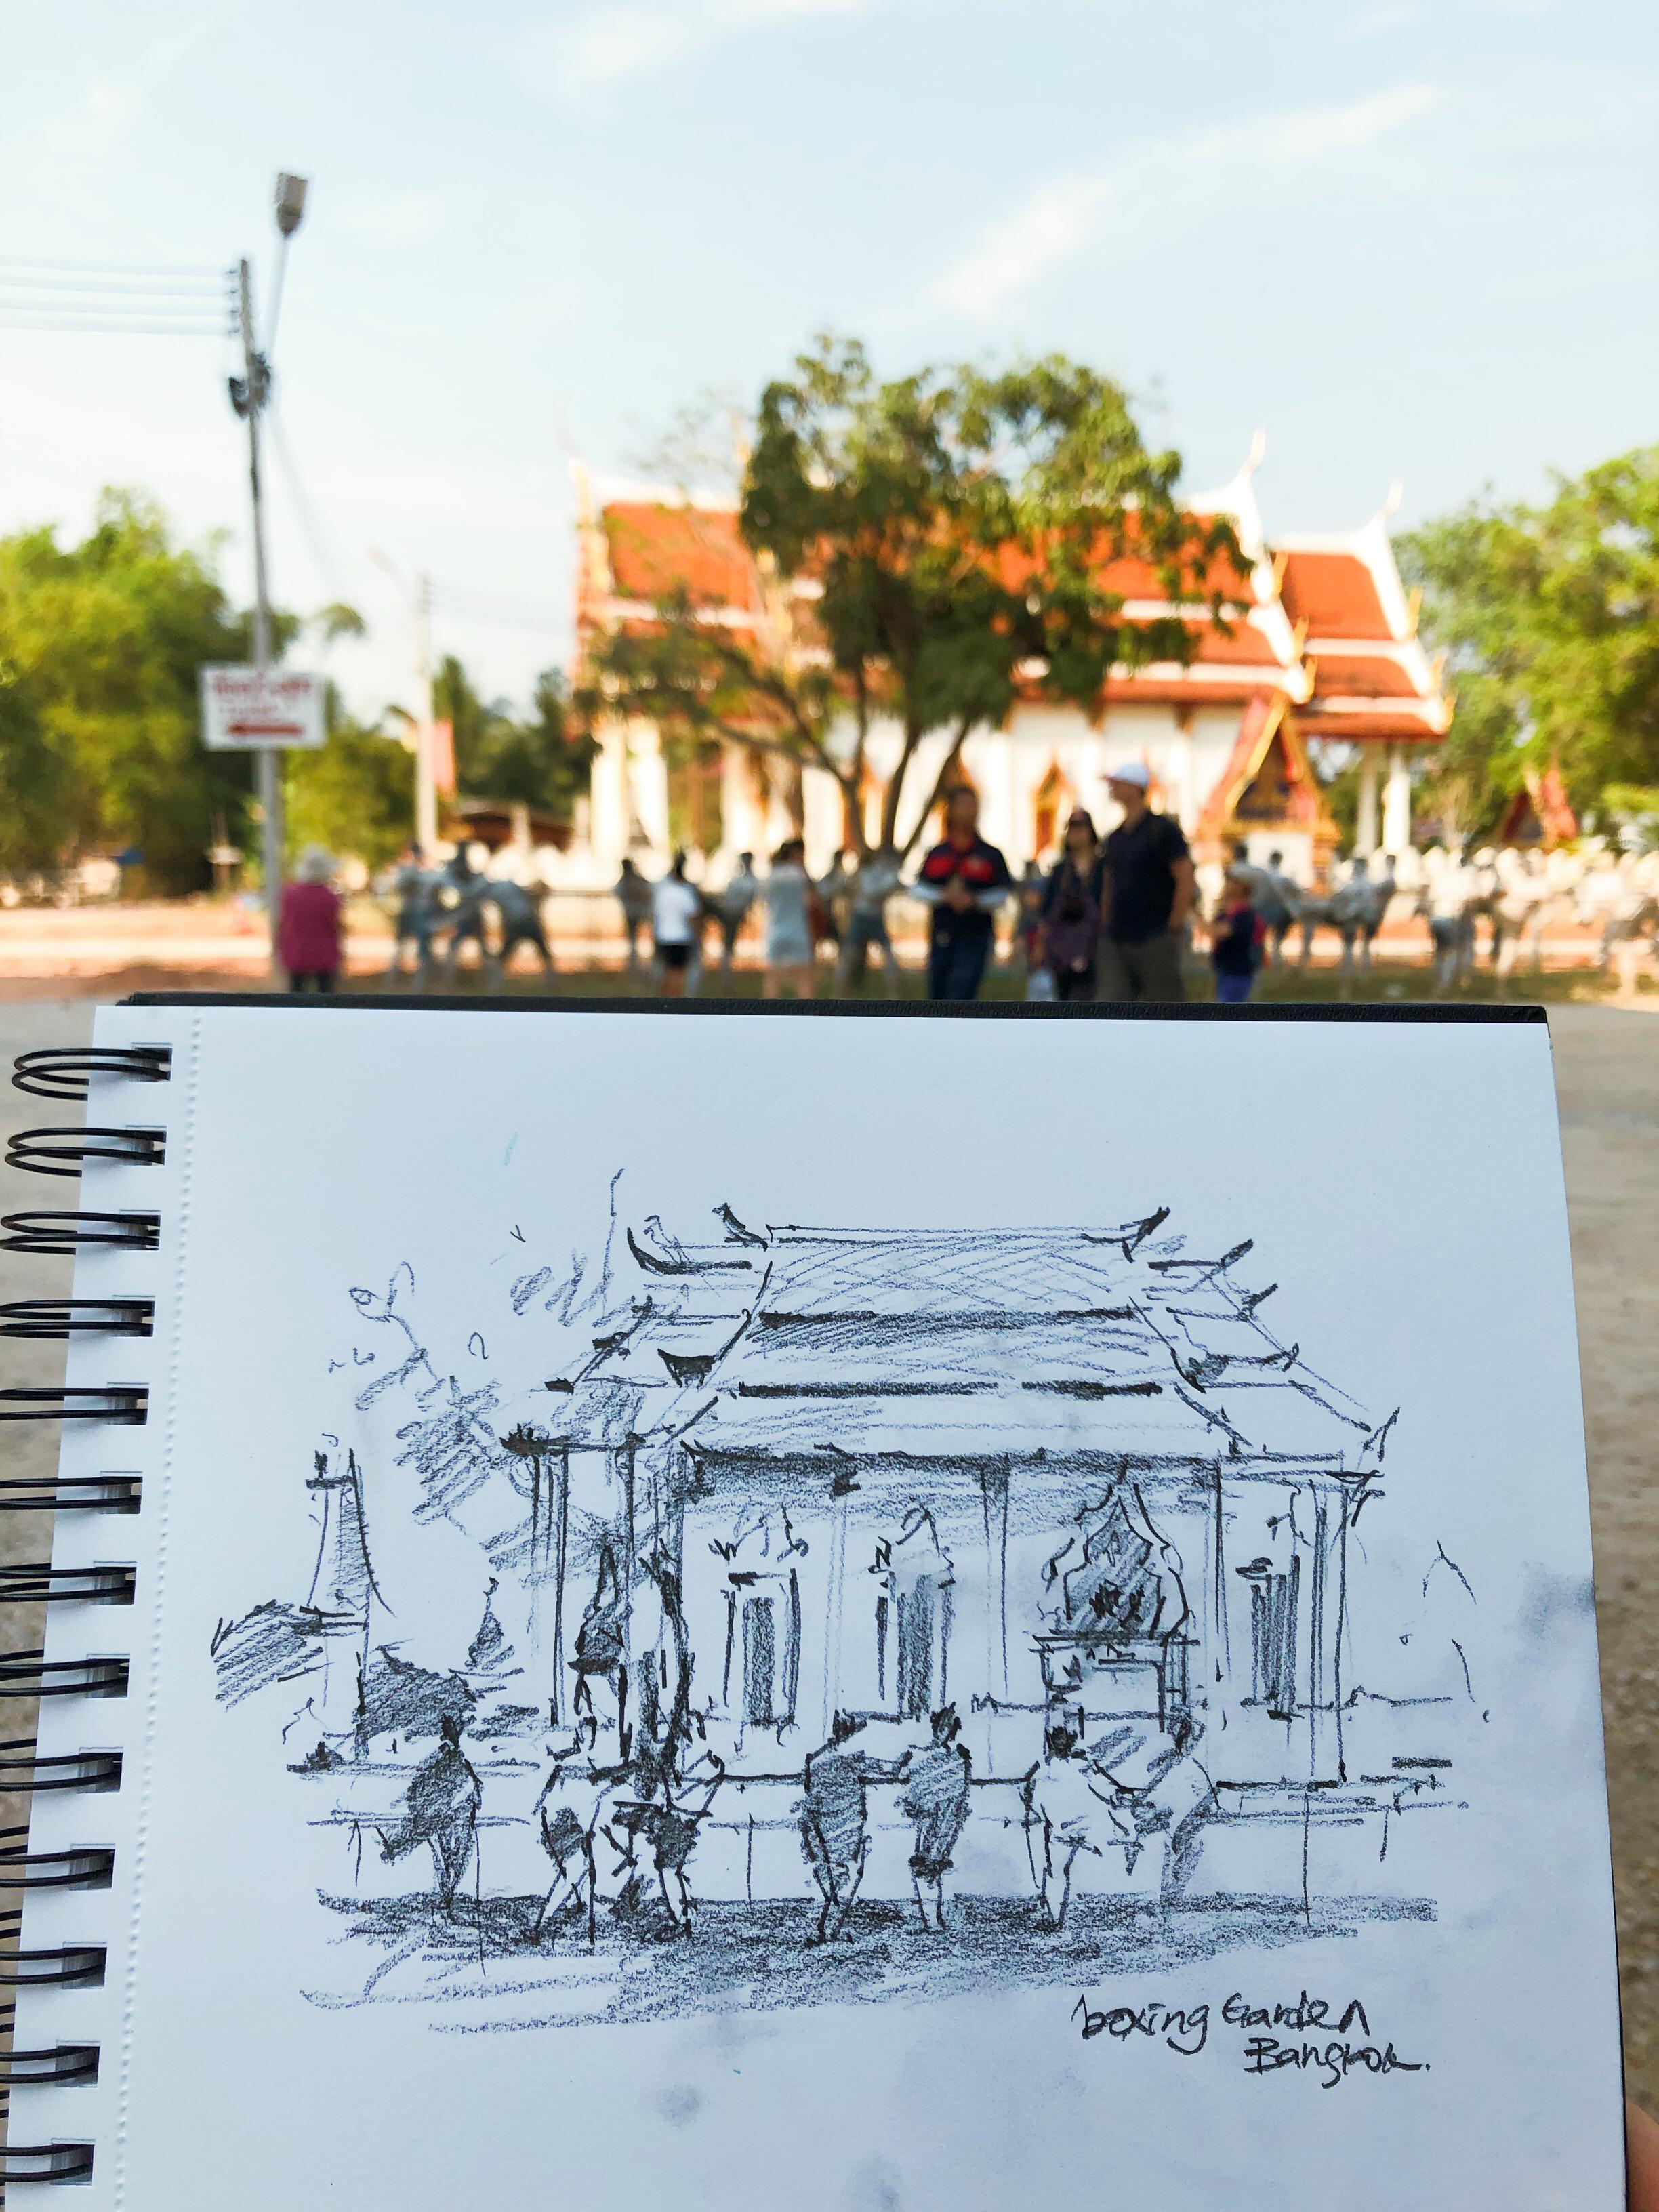 Boxing Garden Bangkok